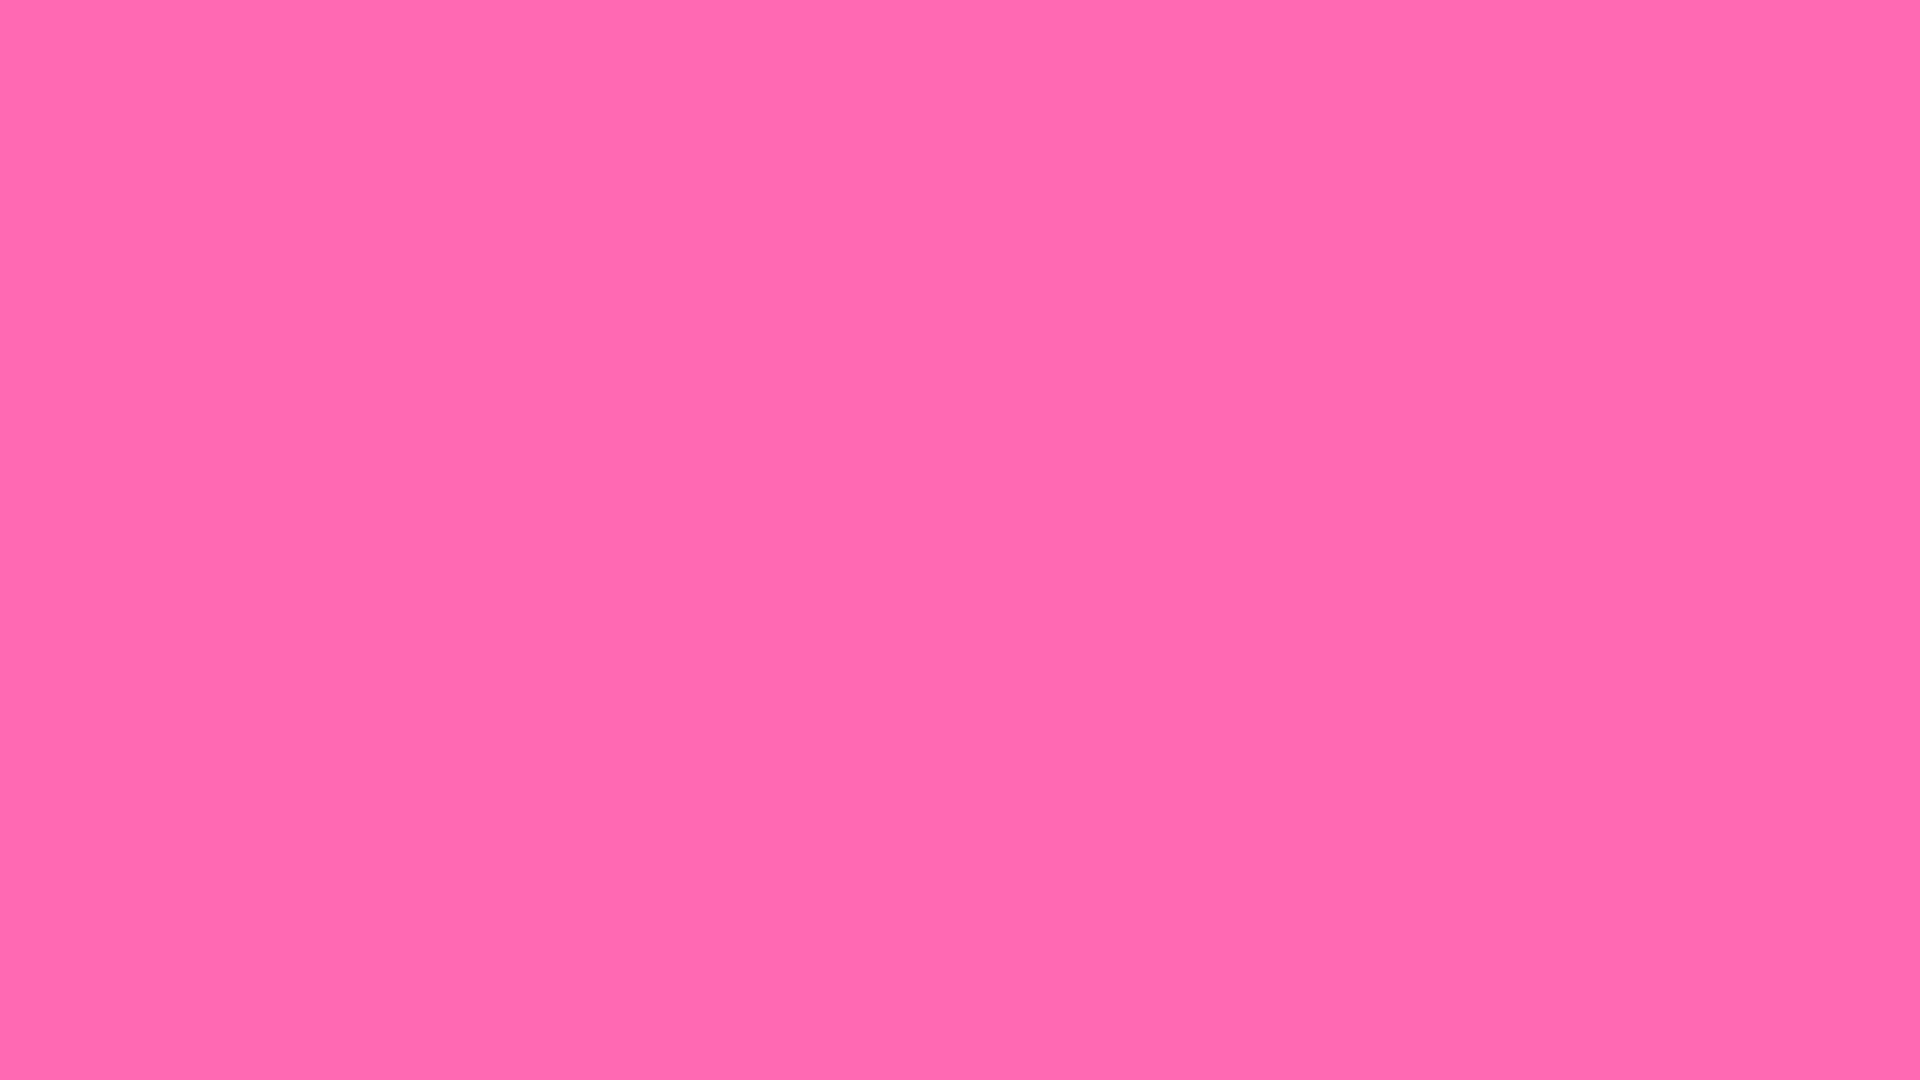 Hot Pink Wallpaper 11 Background Wallpaper ...